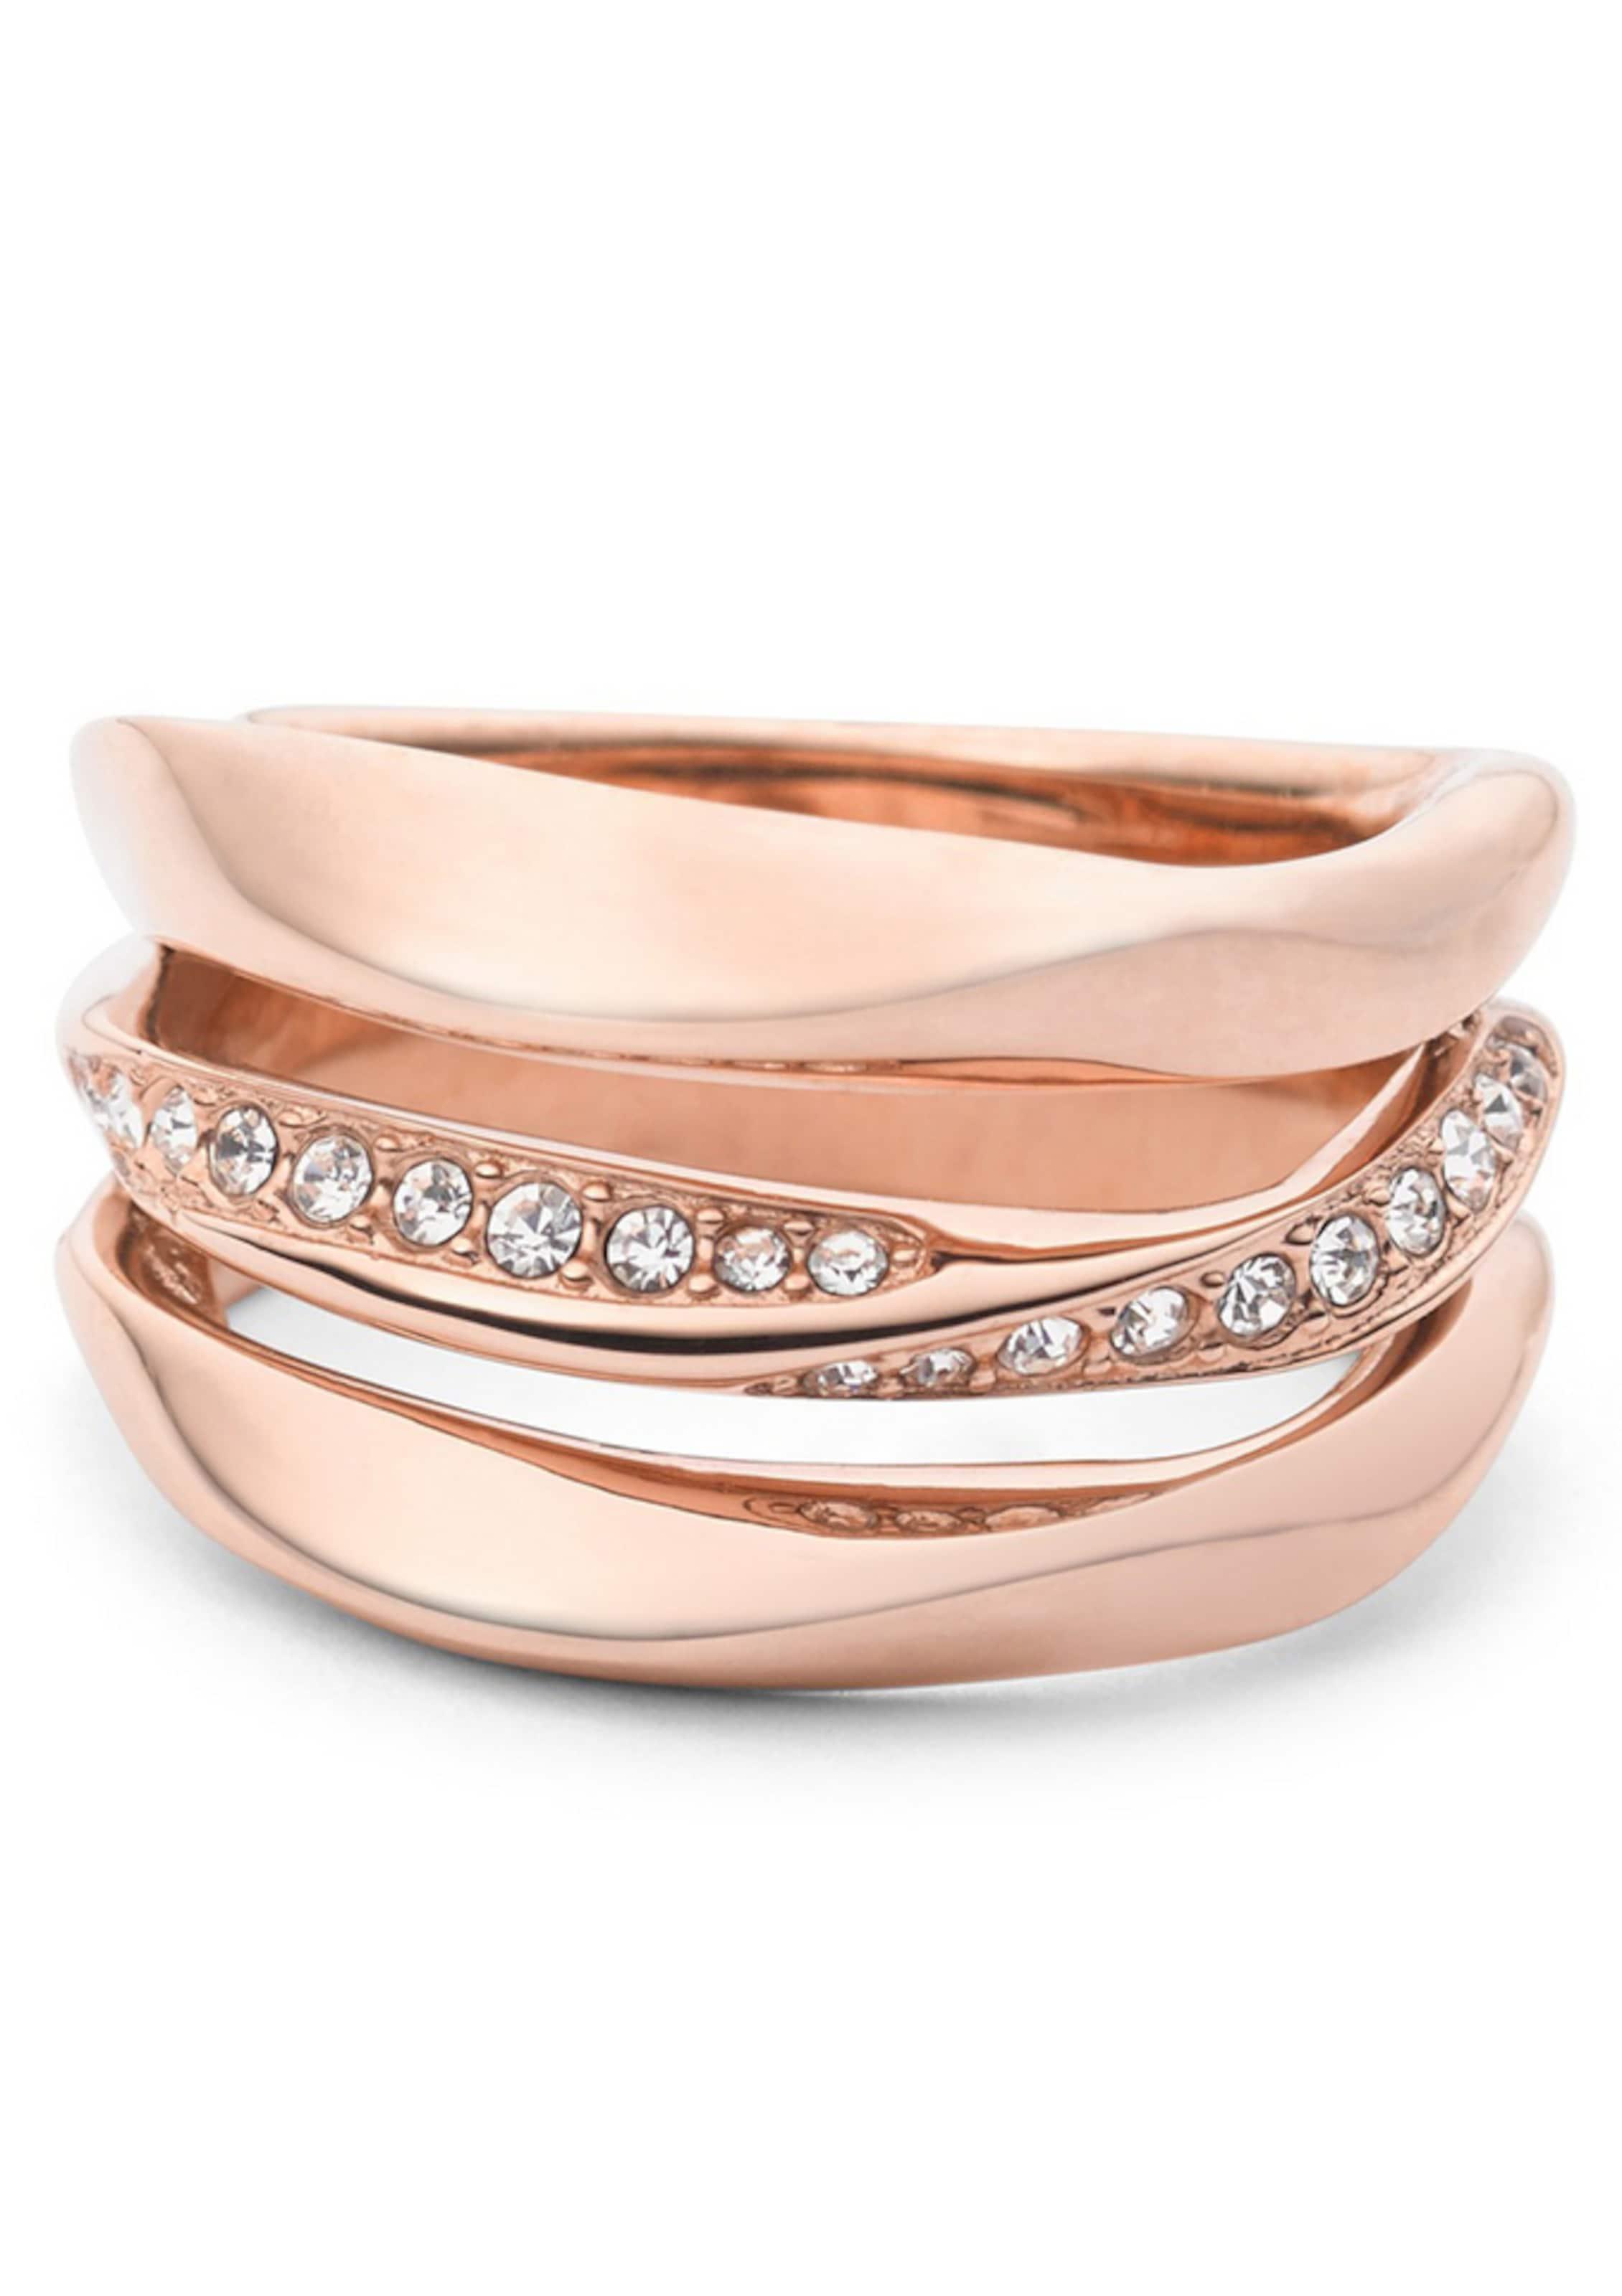 FOSSIL Ring Billig Verkauf Am Besten Günstig Kaufen Breite Palette Von 3fbRg